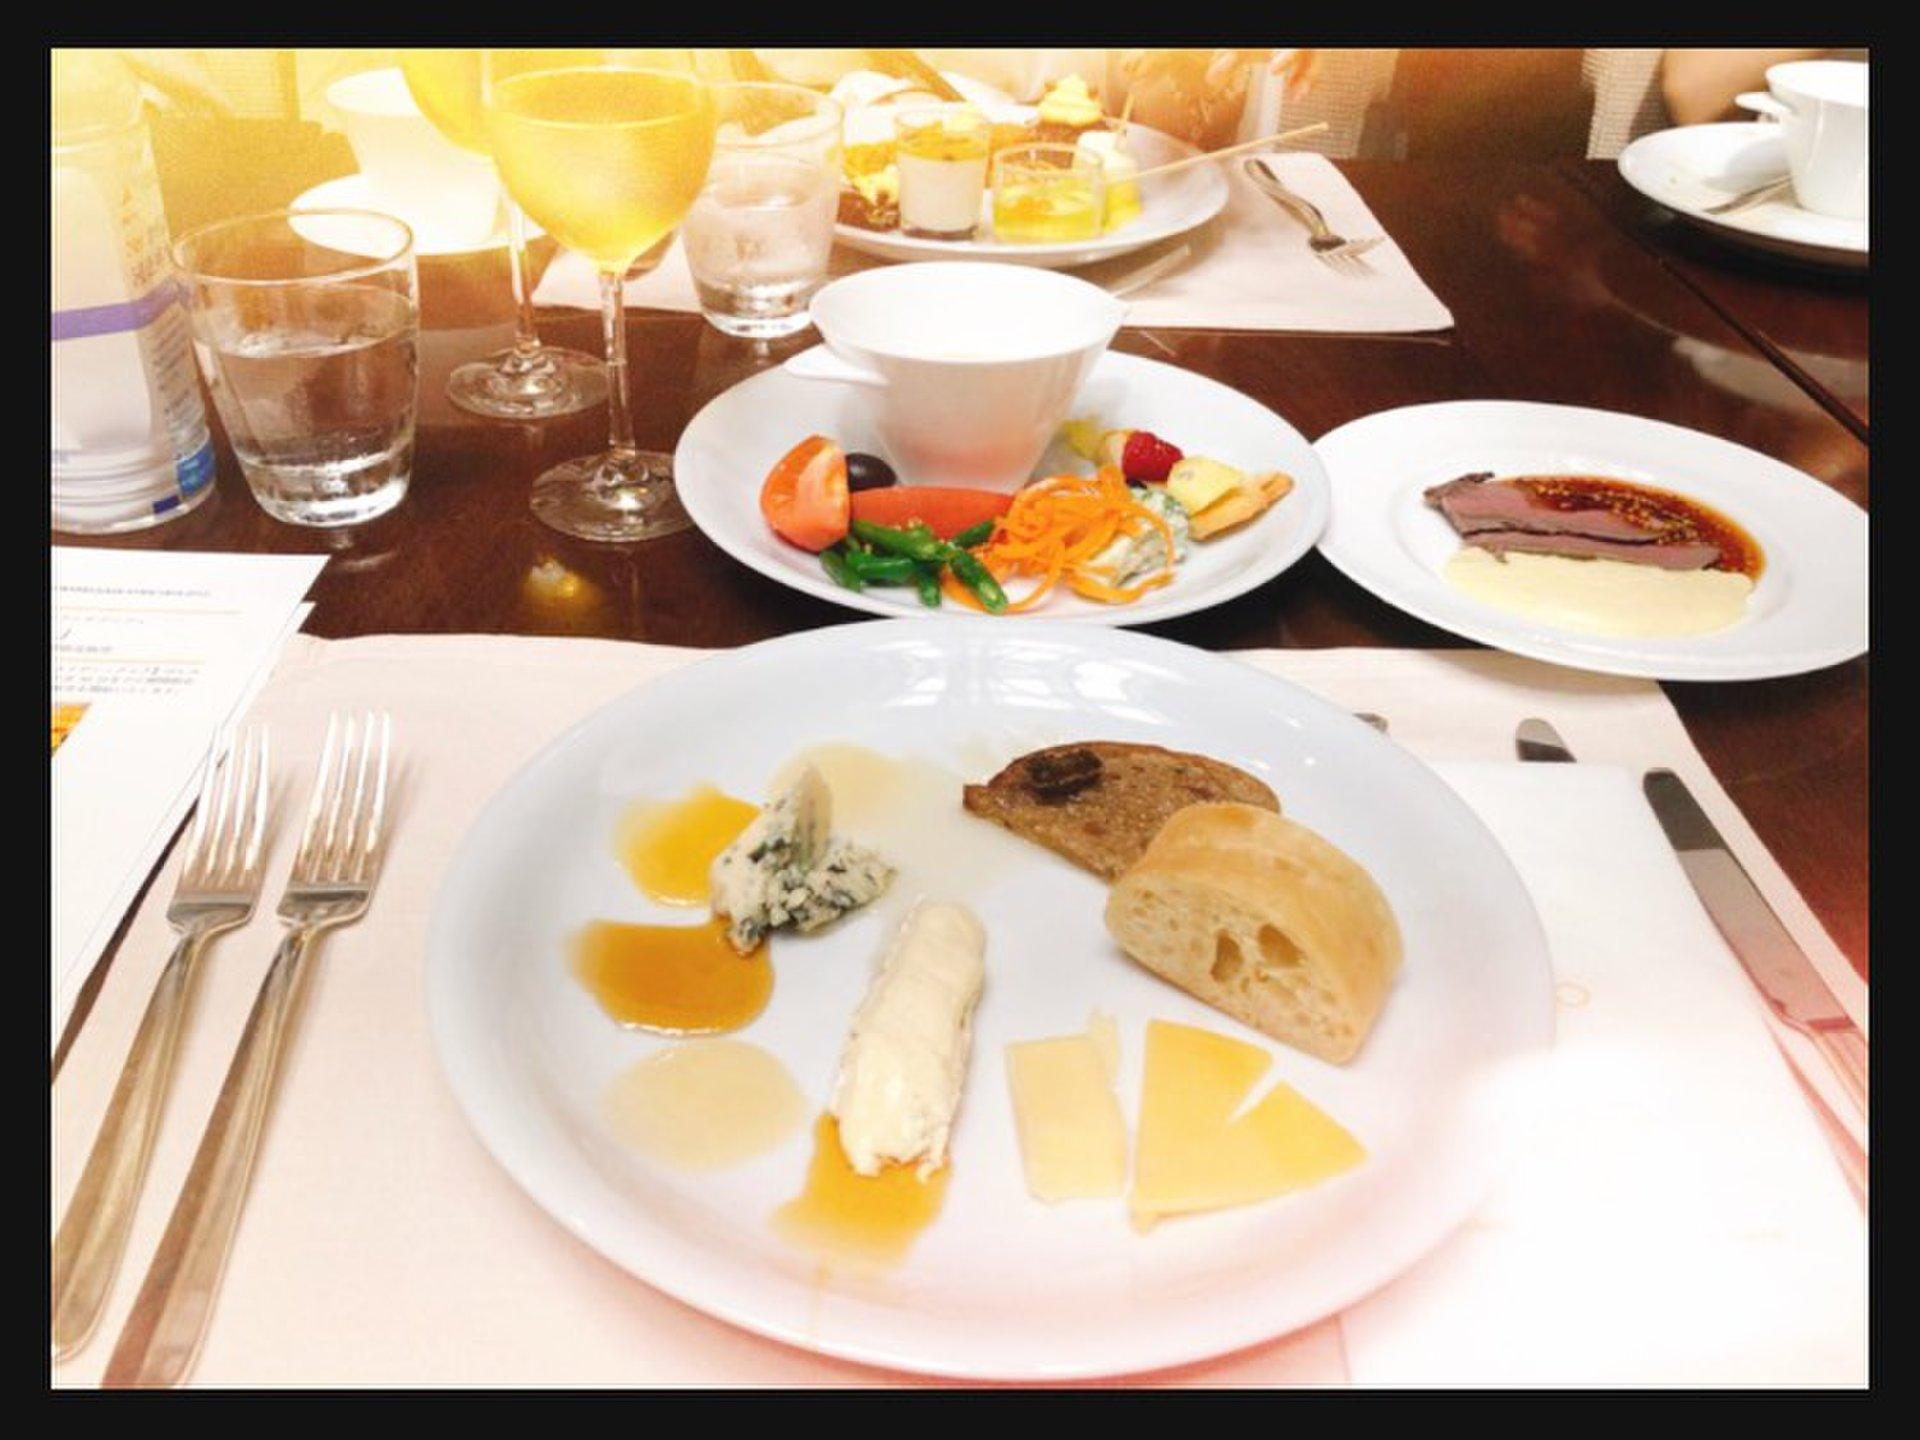 チーズと蜂蜜に心の底から癒された〜い!ホテルでハニーハントしちゃう!?@品川ストリングス